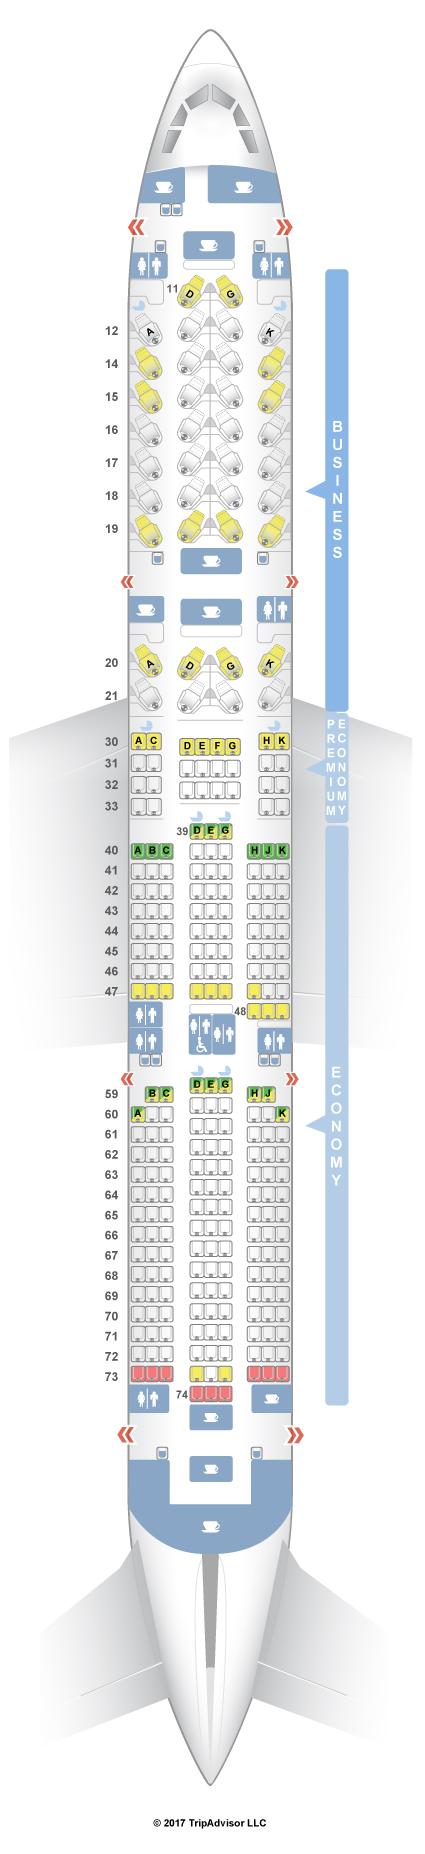 SeatGuru Seat Map Cathay Pacific - SeatGuru on lot 787 seat map, a346 seat map, a340-500 seat map, airline seat map, a350-900 seating map, dc8 seat map, b737 seat map, 787-9 seat map, us airways a321 seat map, a380 seat map, l1011 seat map, us air a330-300 seat map, lufthansa seat map, a340-300 seat map, a388 seat map, a345 seat map, embraer e-190 seat map, 787-800 seat map, b747-8 seat map, a318 seat map,